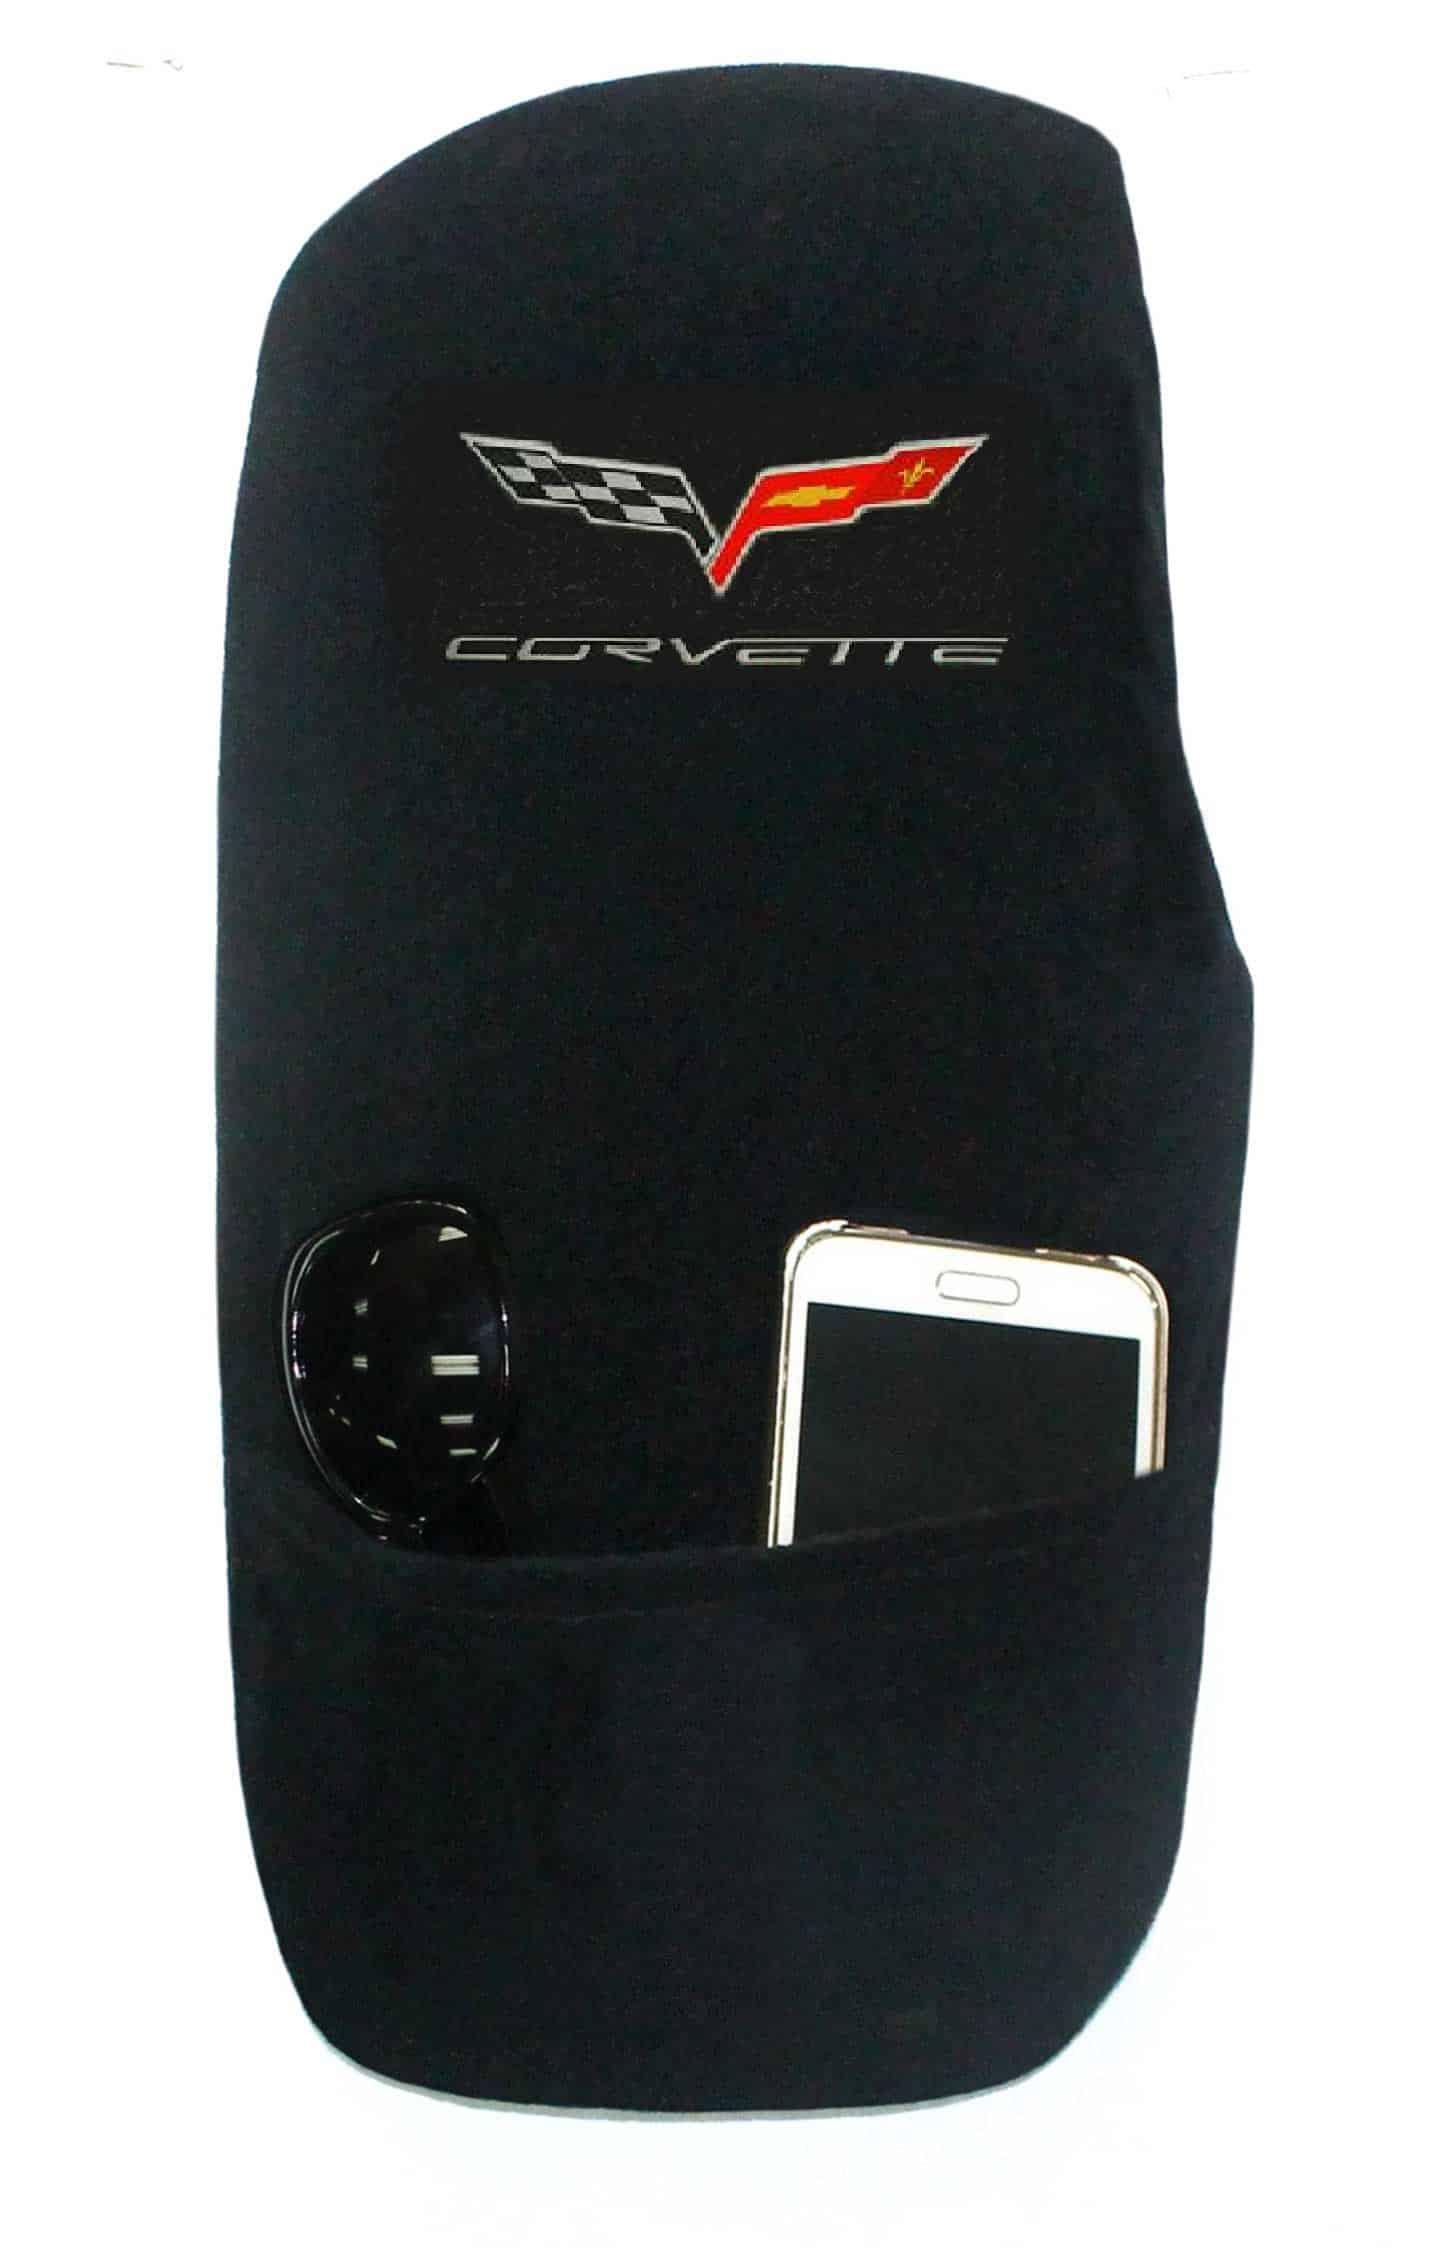 Corvette Special Product Bundles